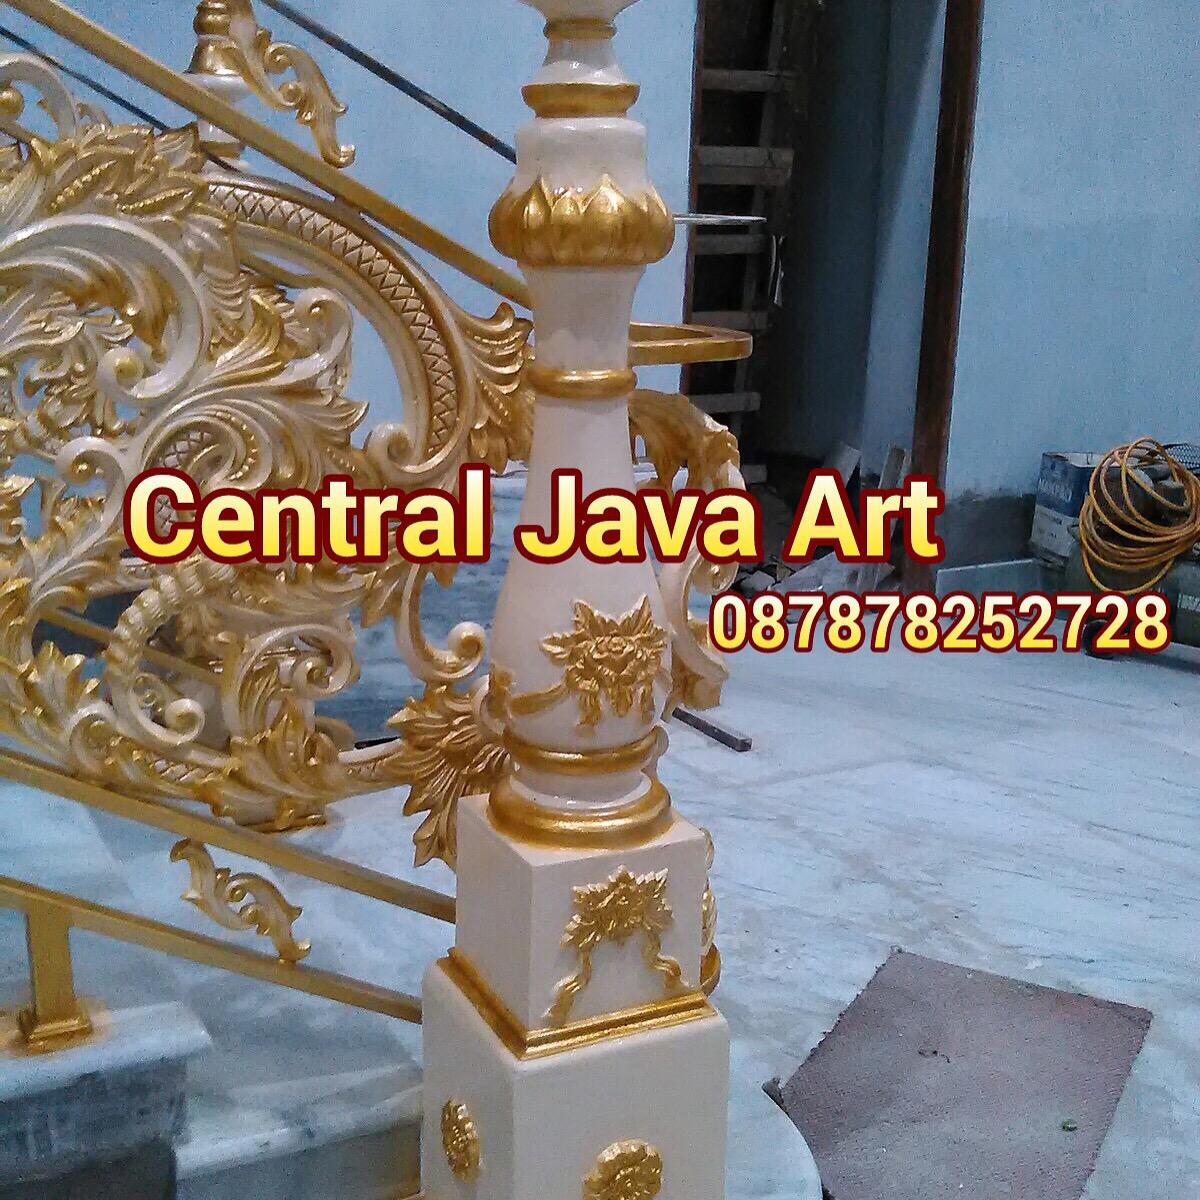 http://besitempaklasikornamenalluminium.blogspot.com/